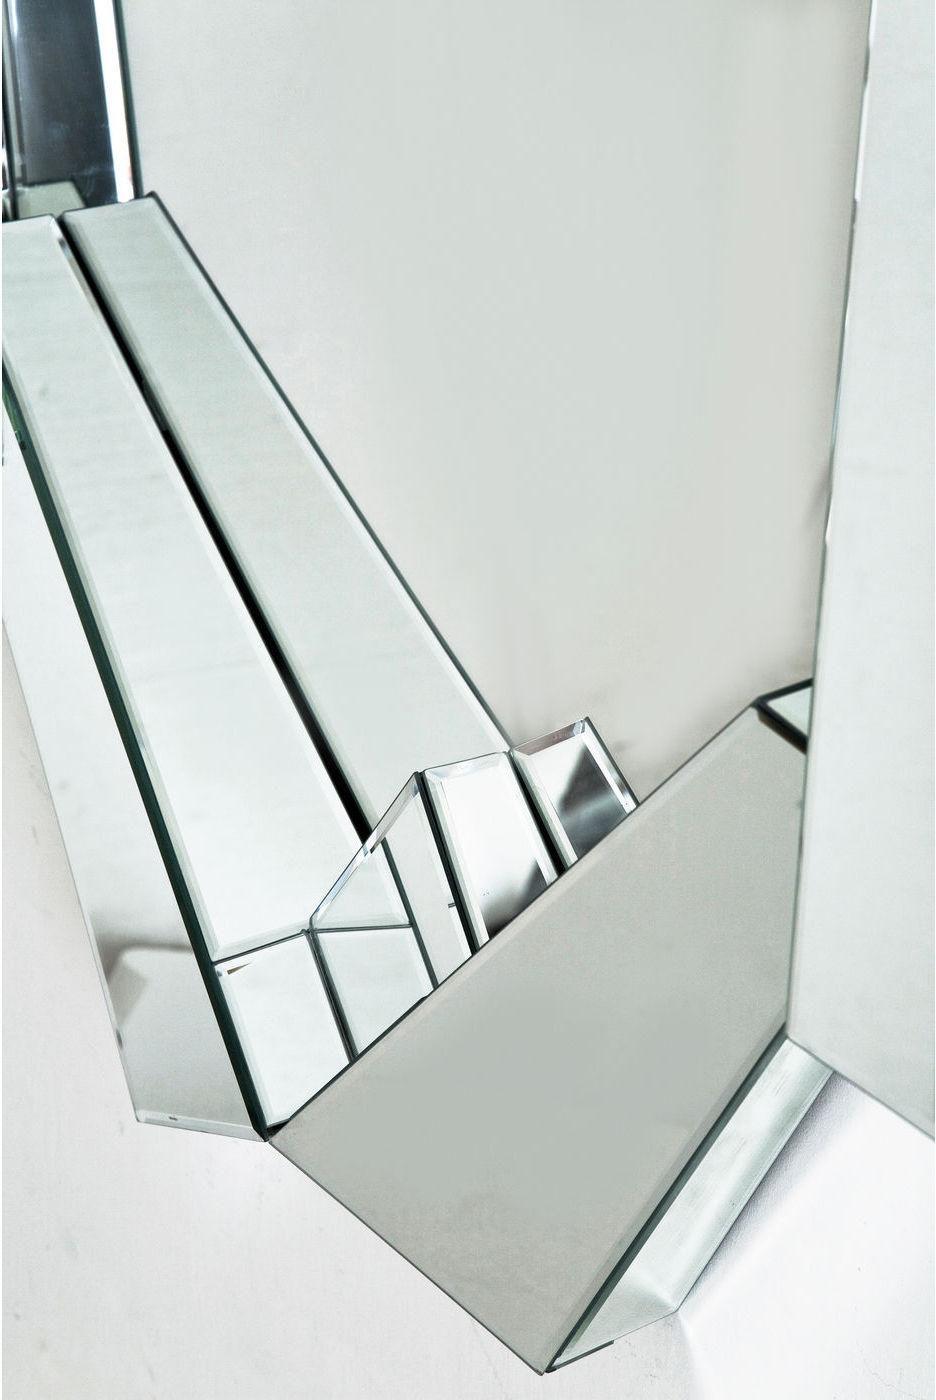 spiegel module 116x107cm kare design kaufen wohn und lifestylewebshop. Black Bedroom Furniture Sets. Home Design Ideas